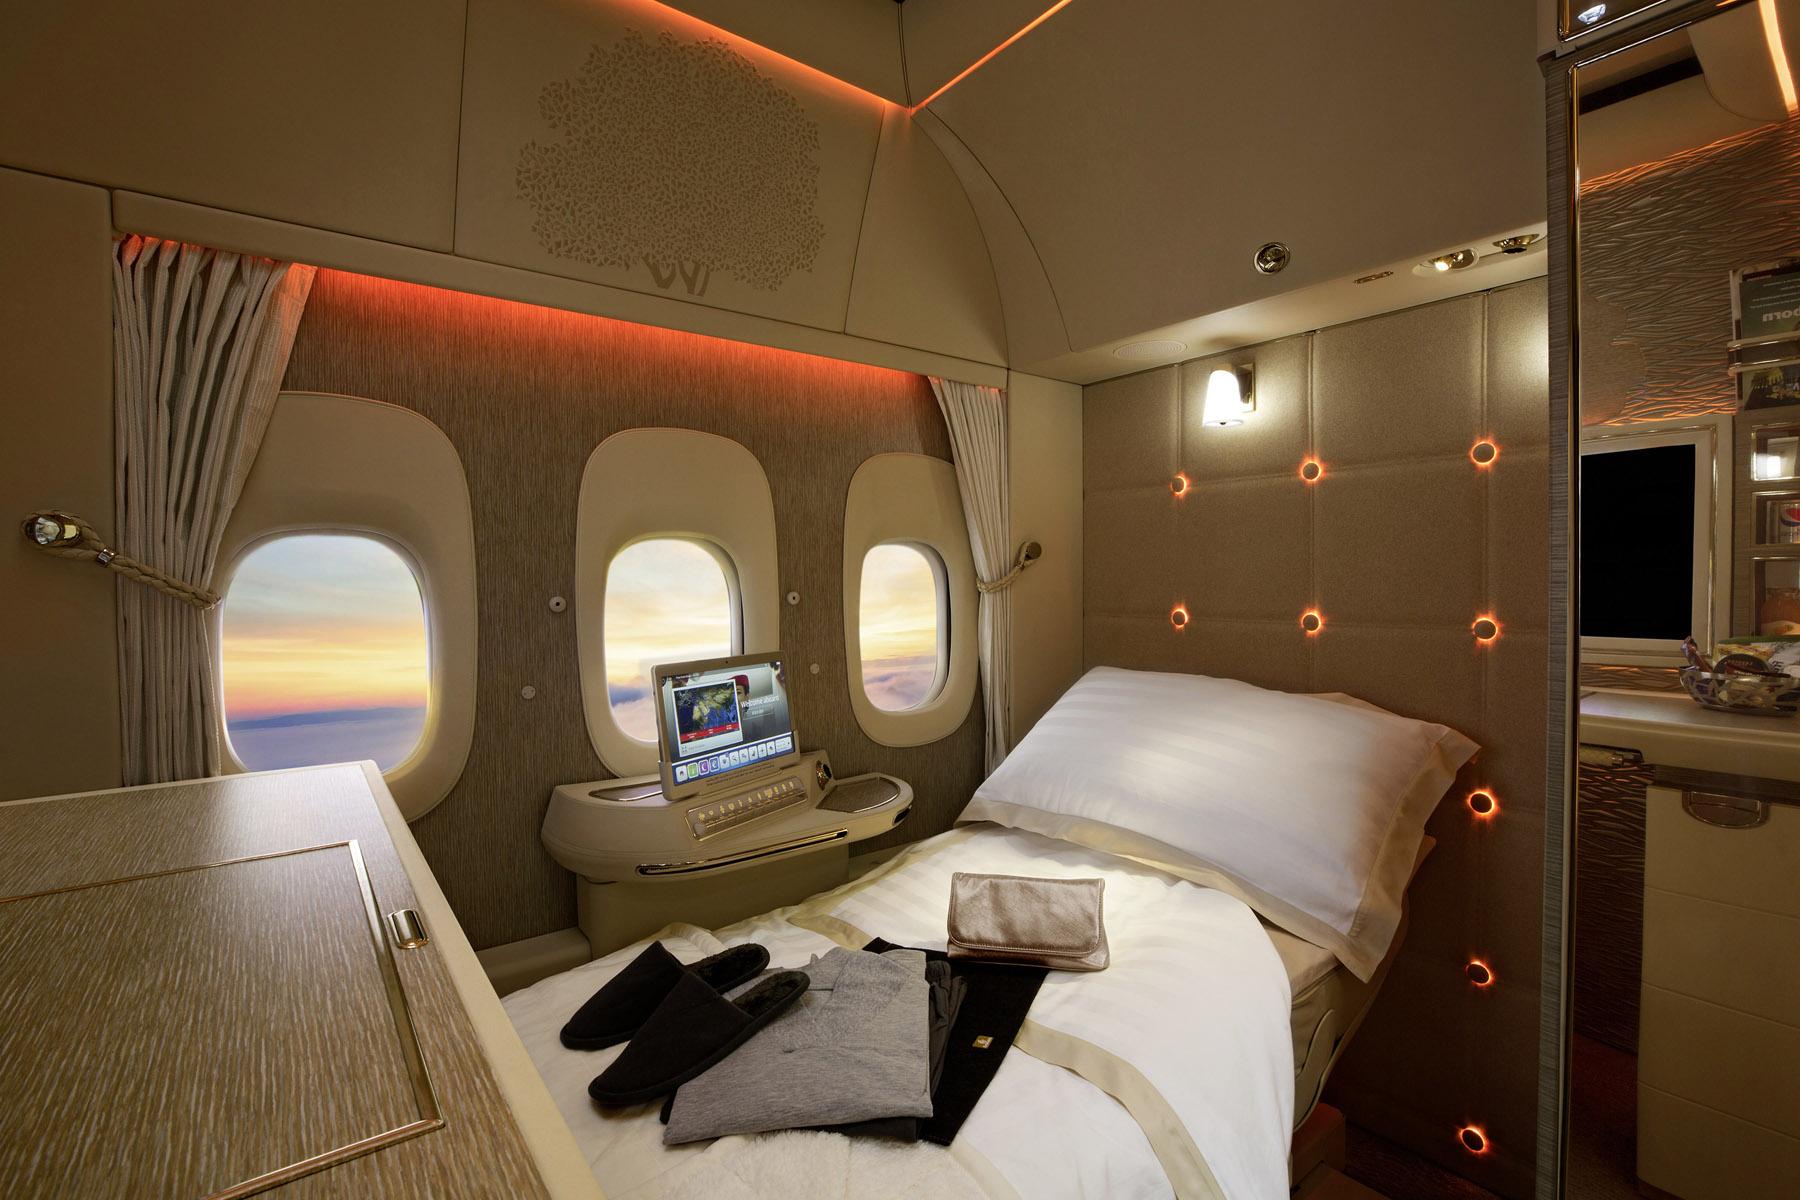 Mercedes-inredning på Emirates